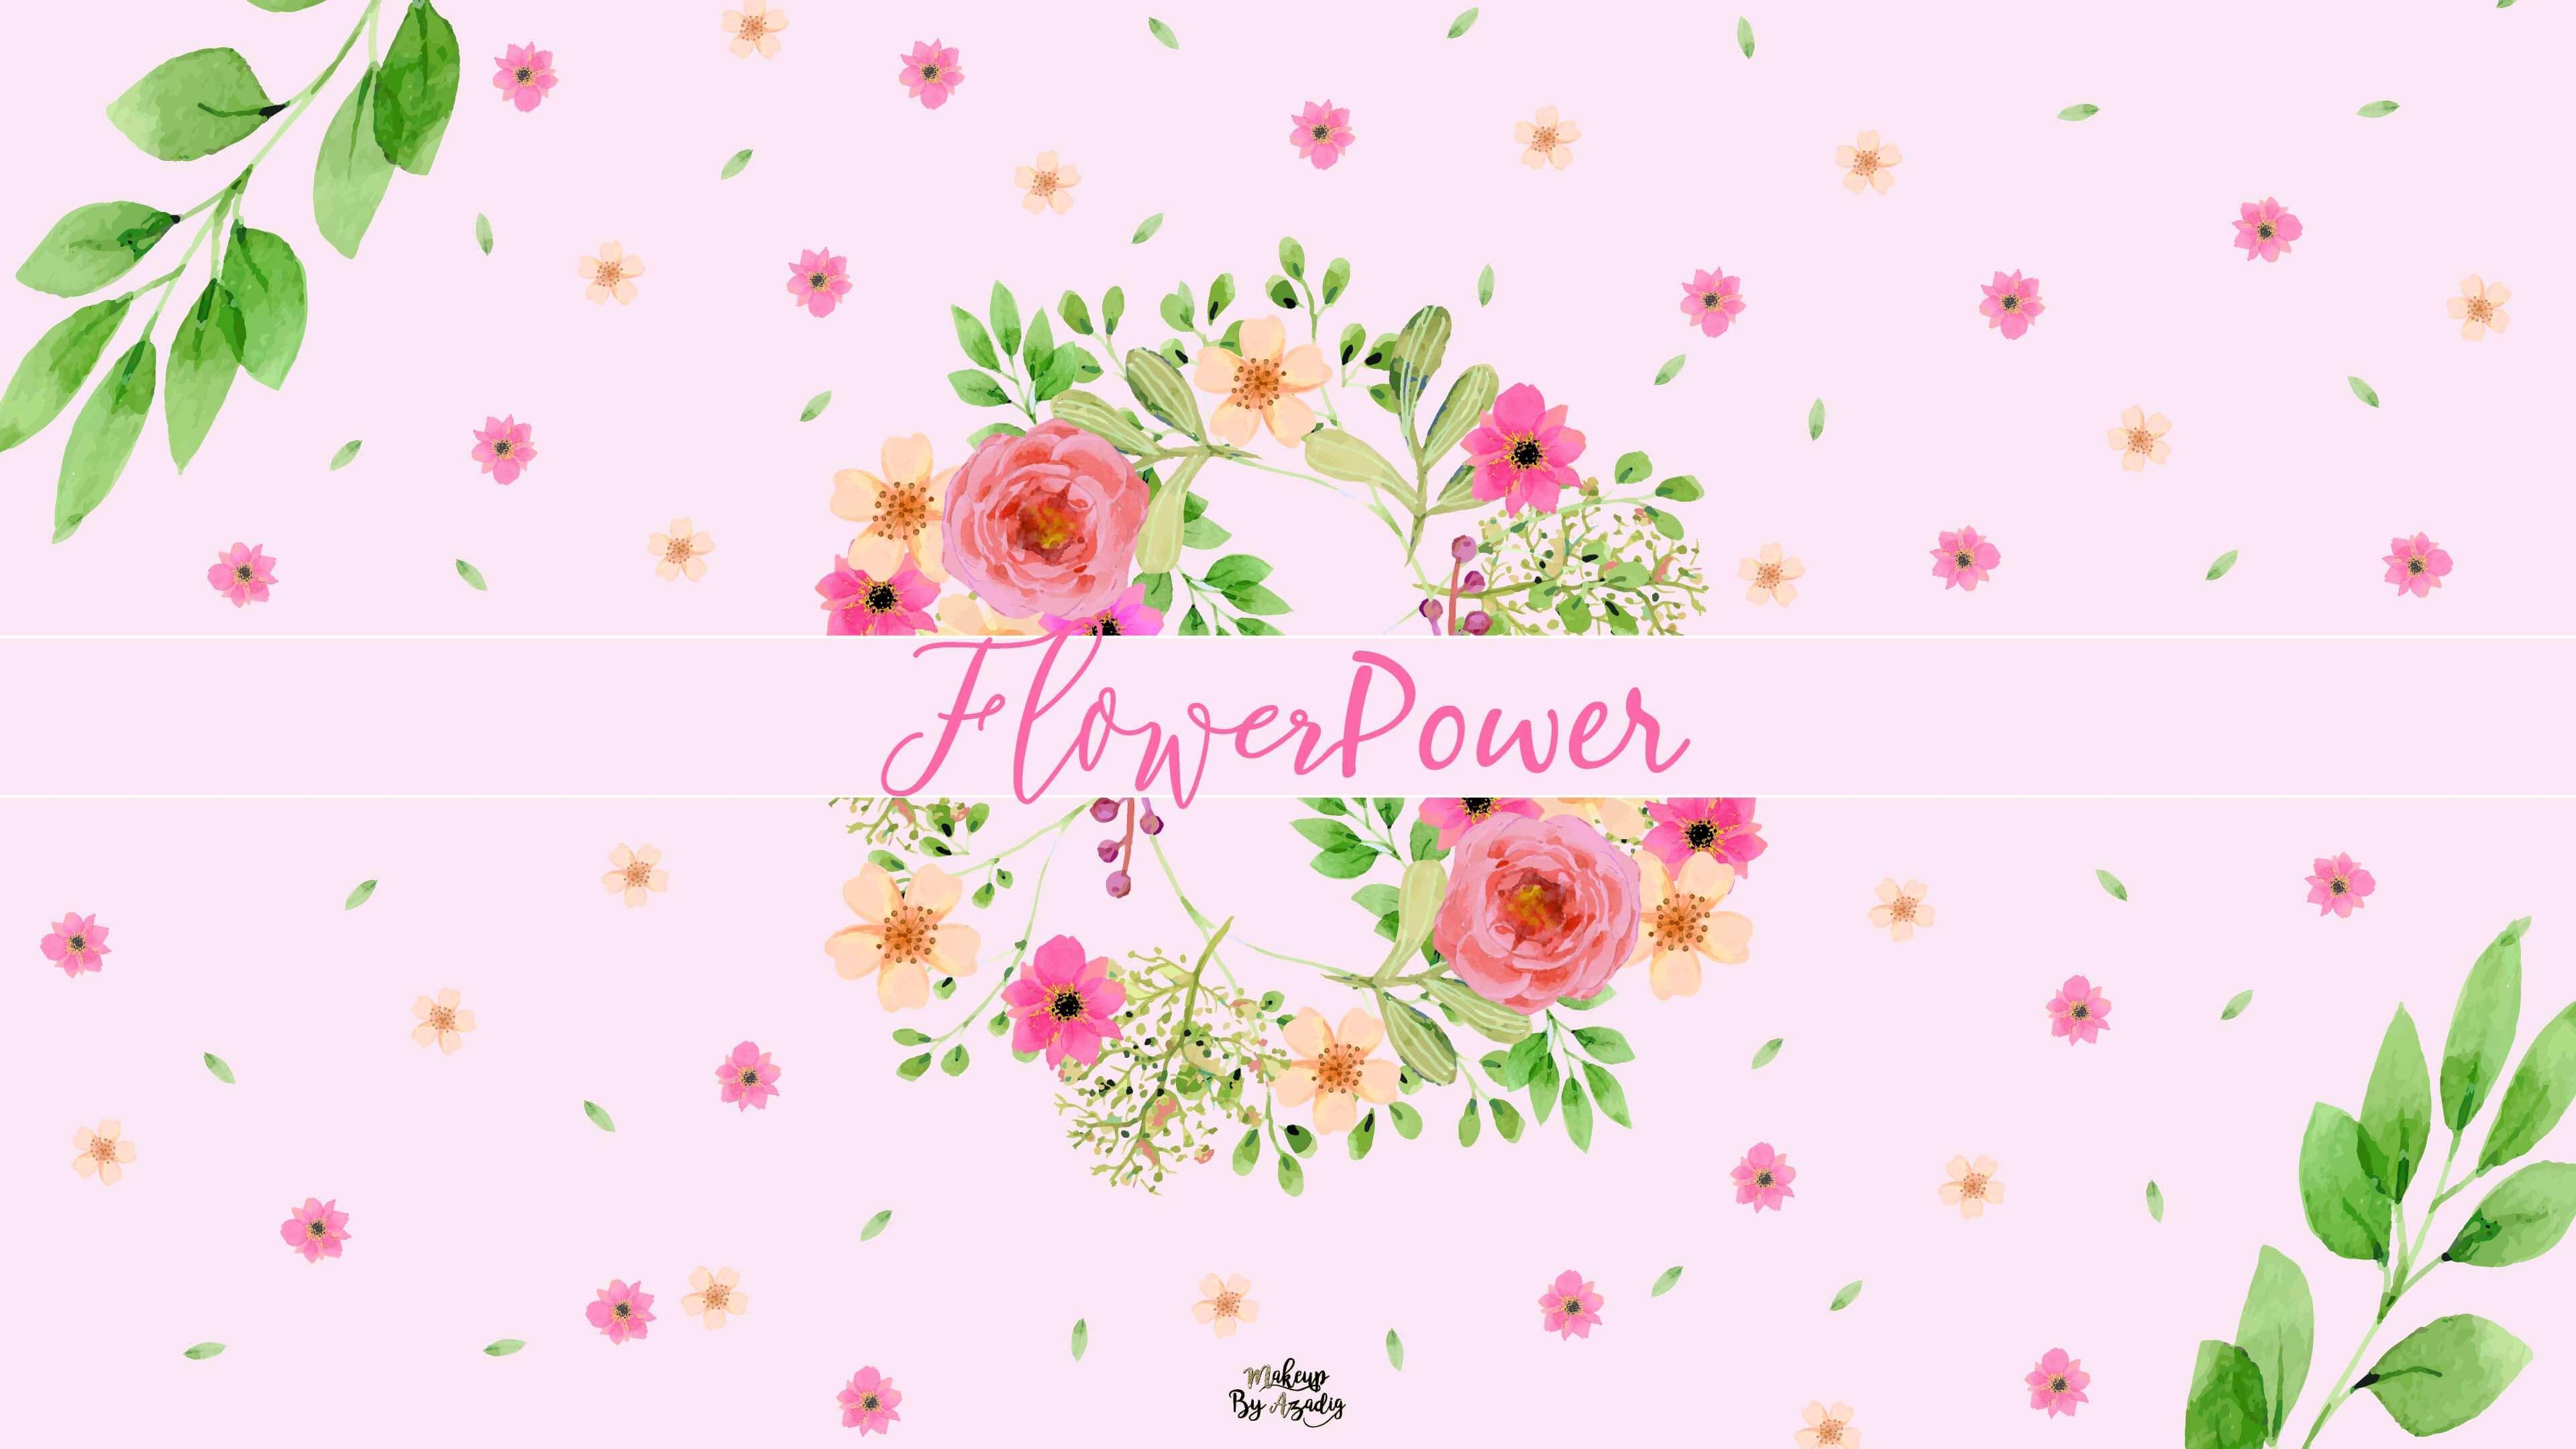 fond-decran-wallpaper-printemps-fleurs-flower-power-couronne-rose-girly-ordinateur-mac-macbook-imac-pc-makeupbyazadig-tendance